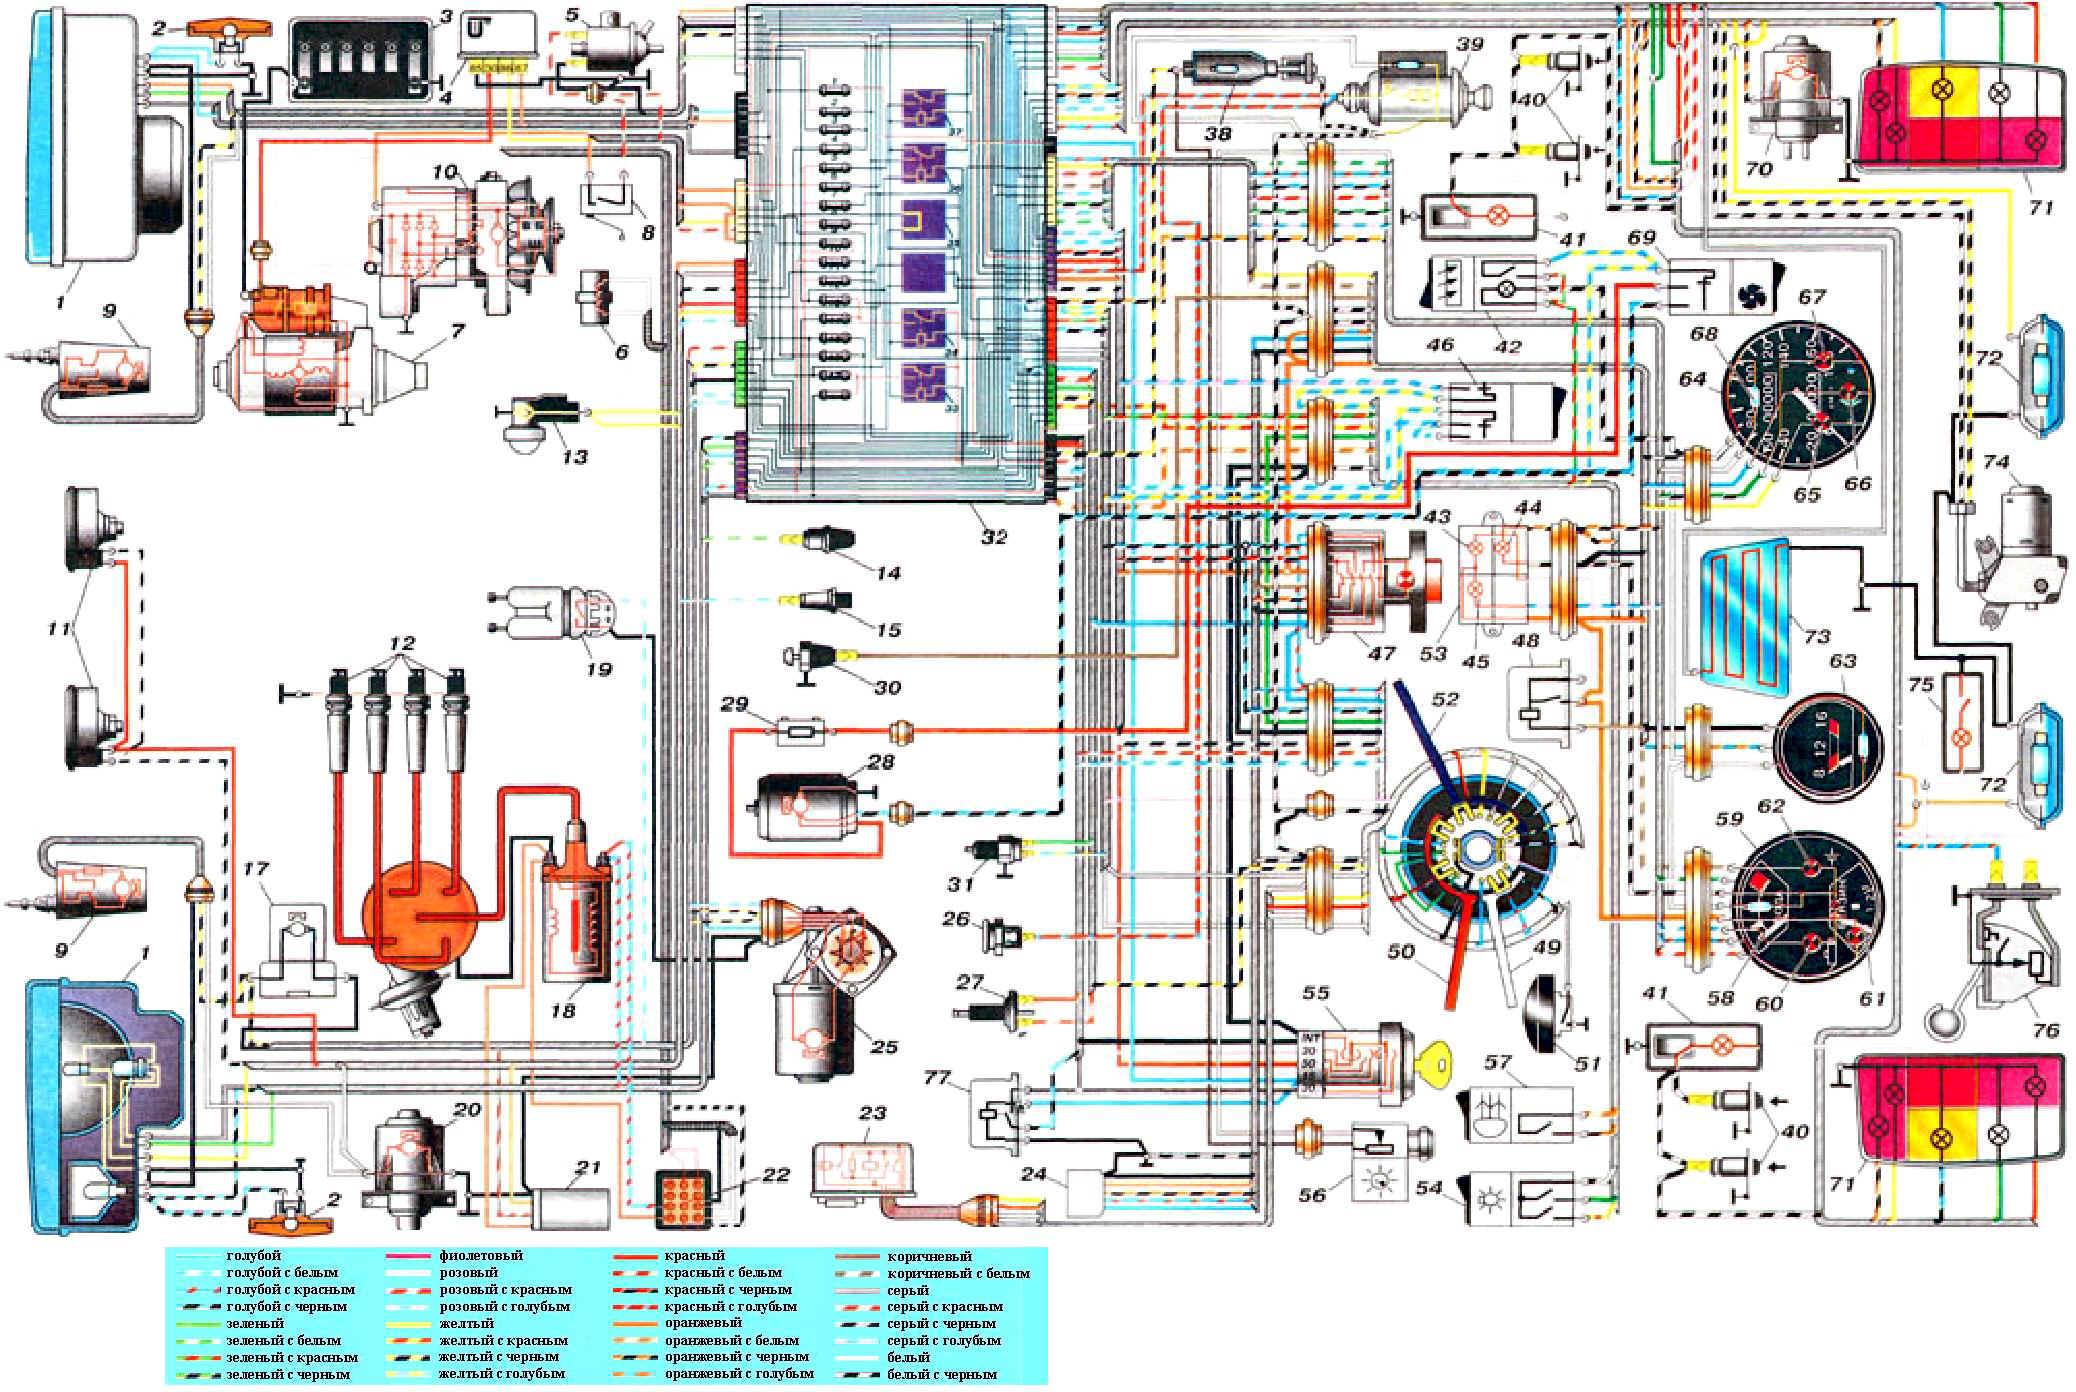 Электро схема проверки регулятора добавочного воздуха змз-4062 10